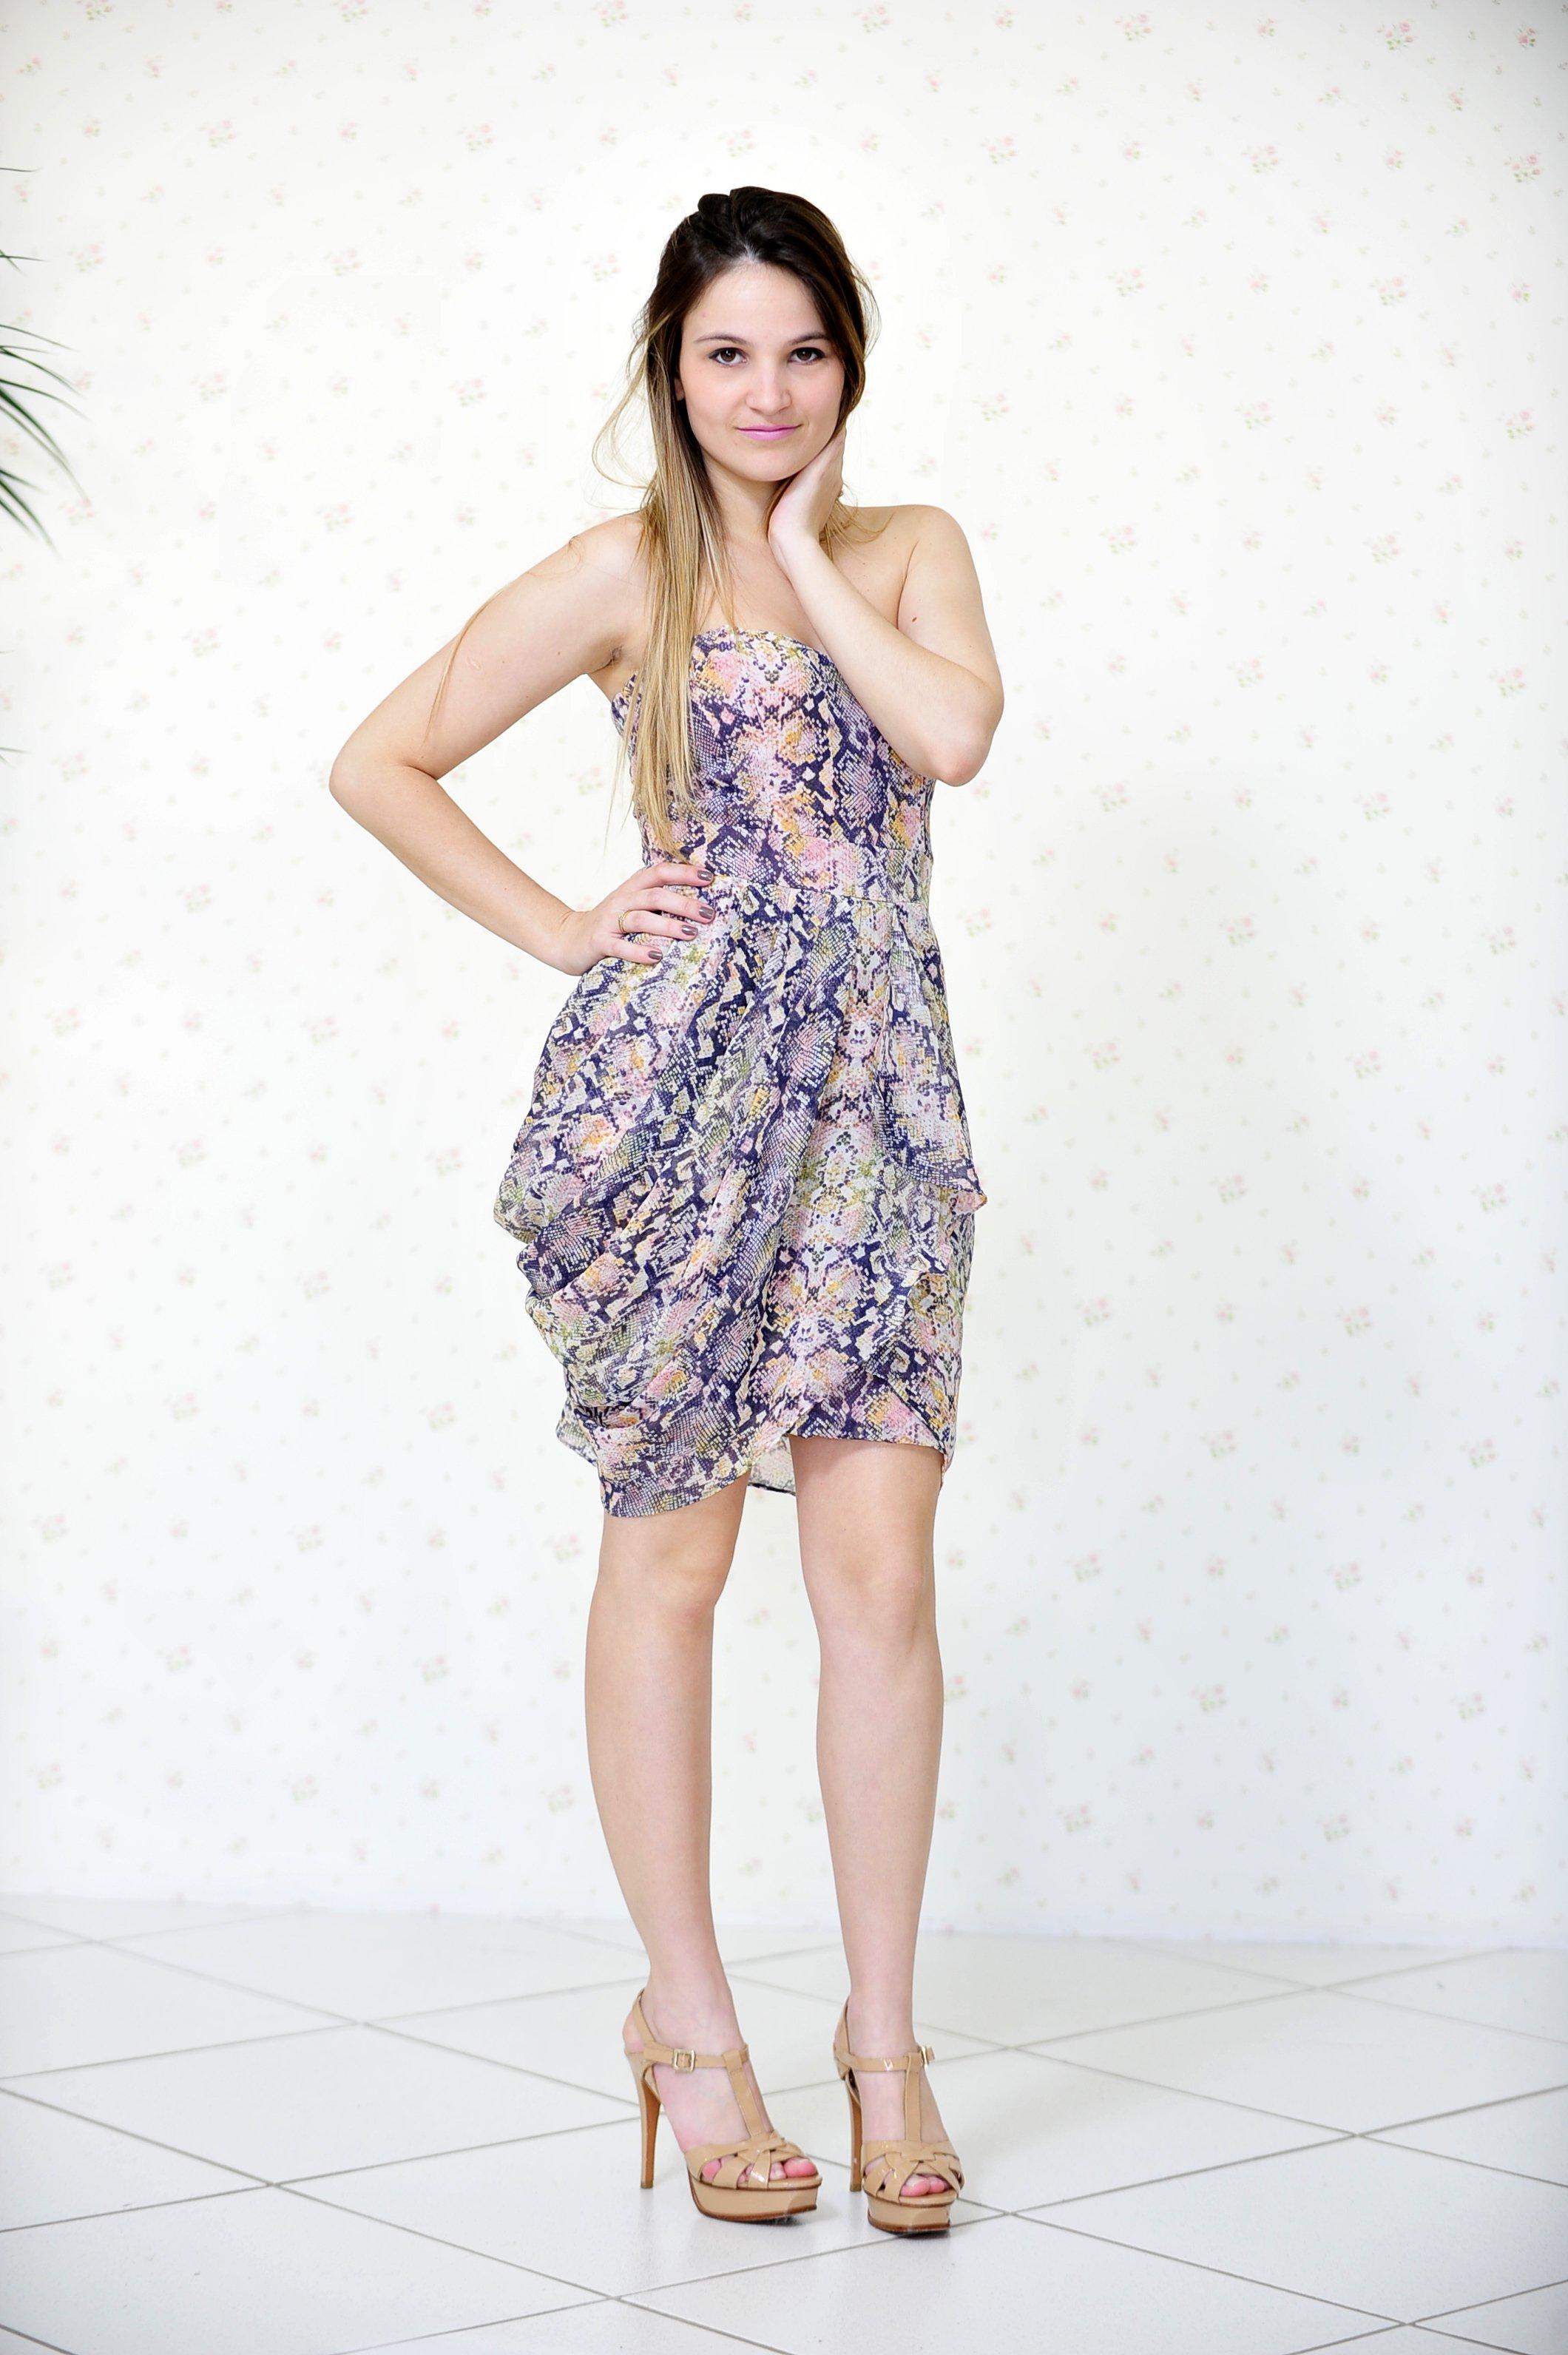 modelos vestidos balone estampa